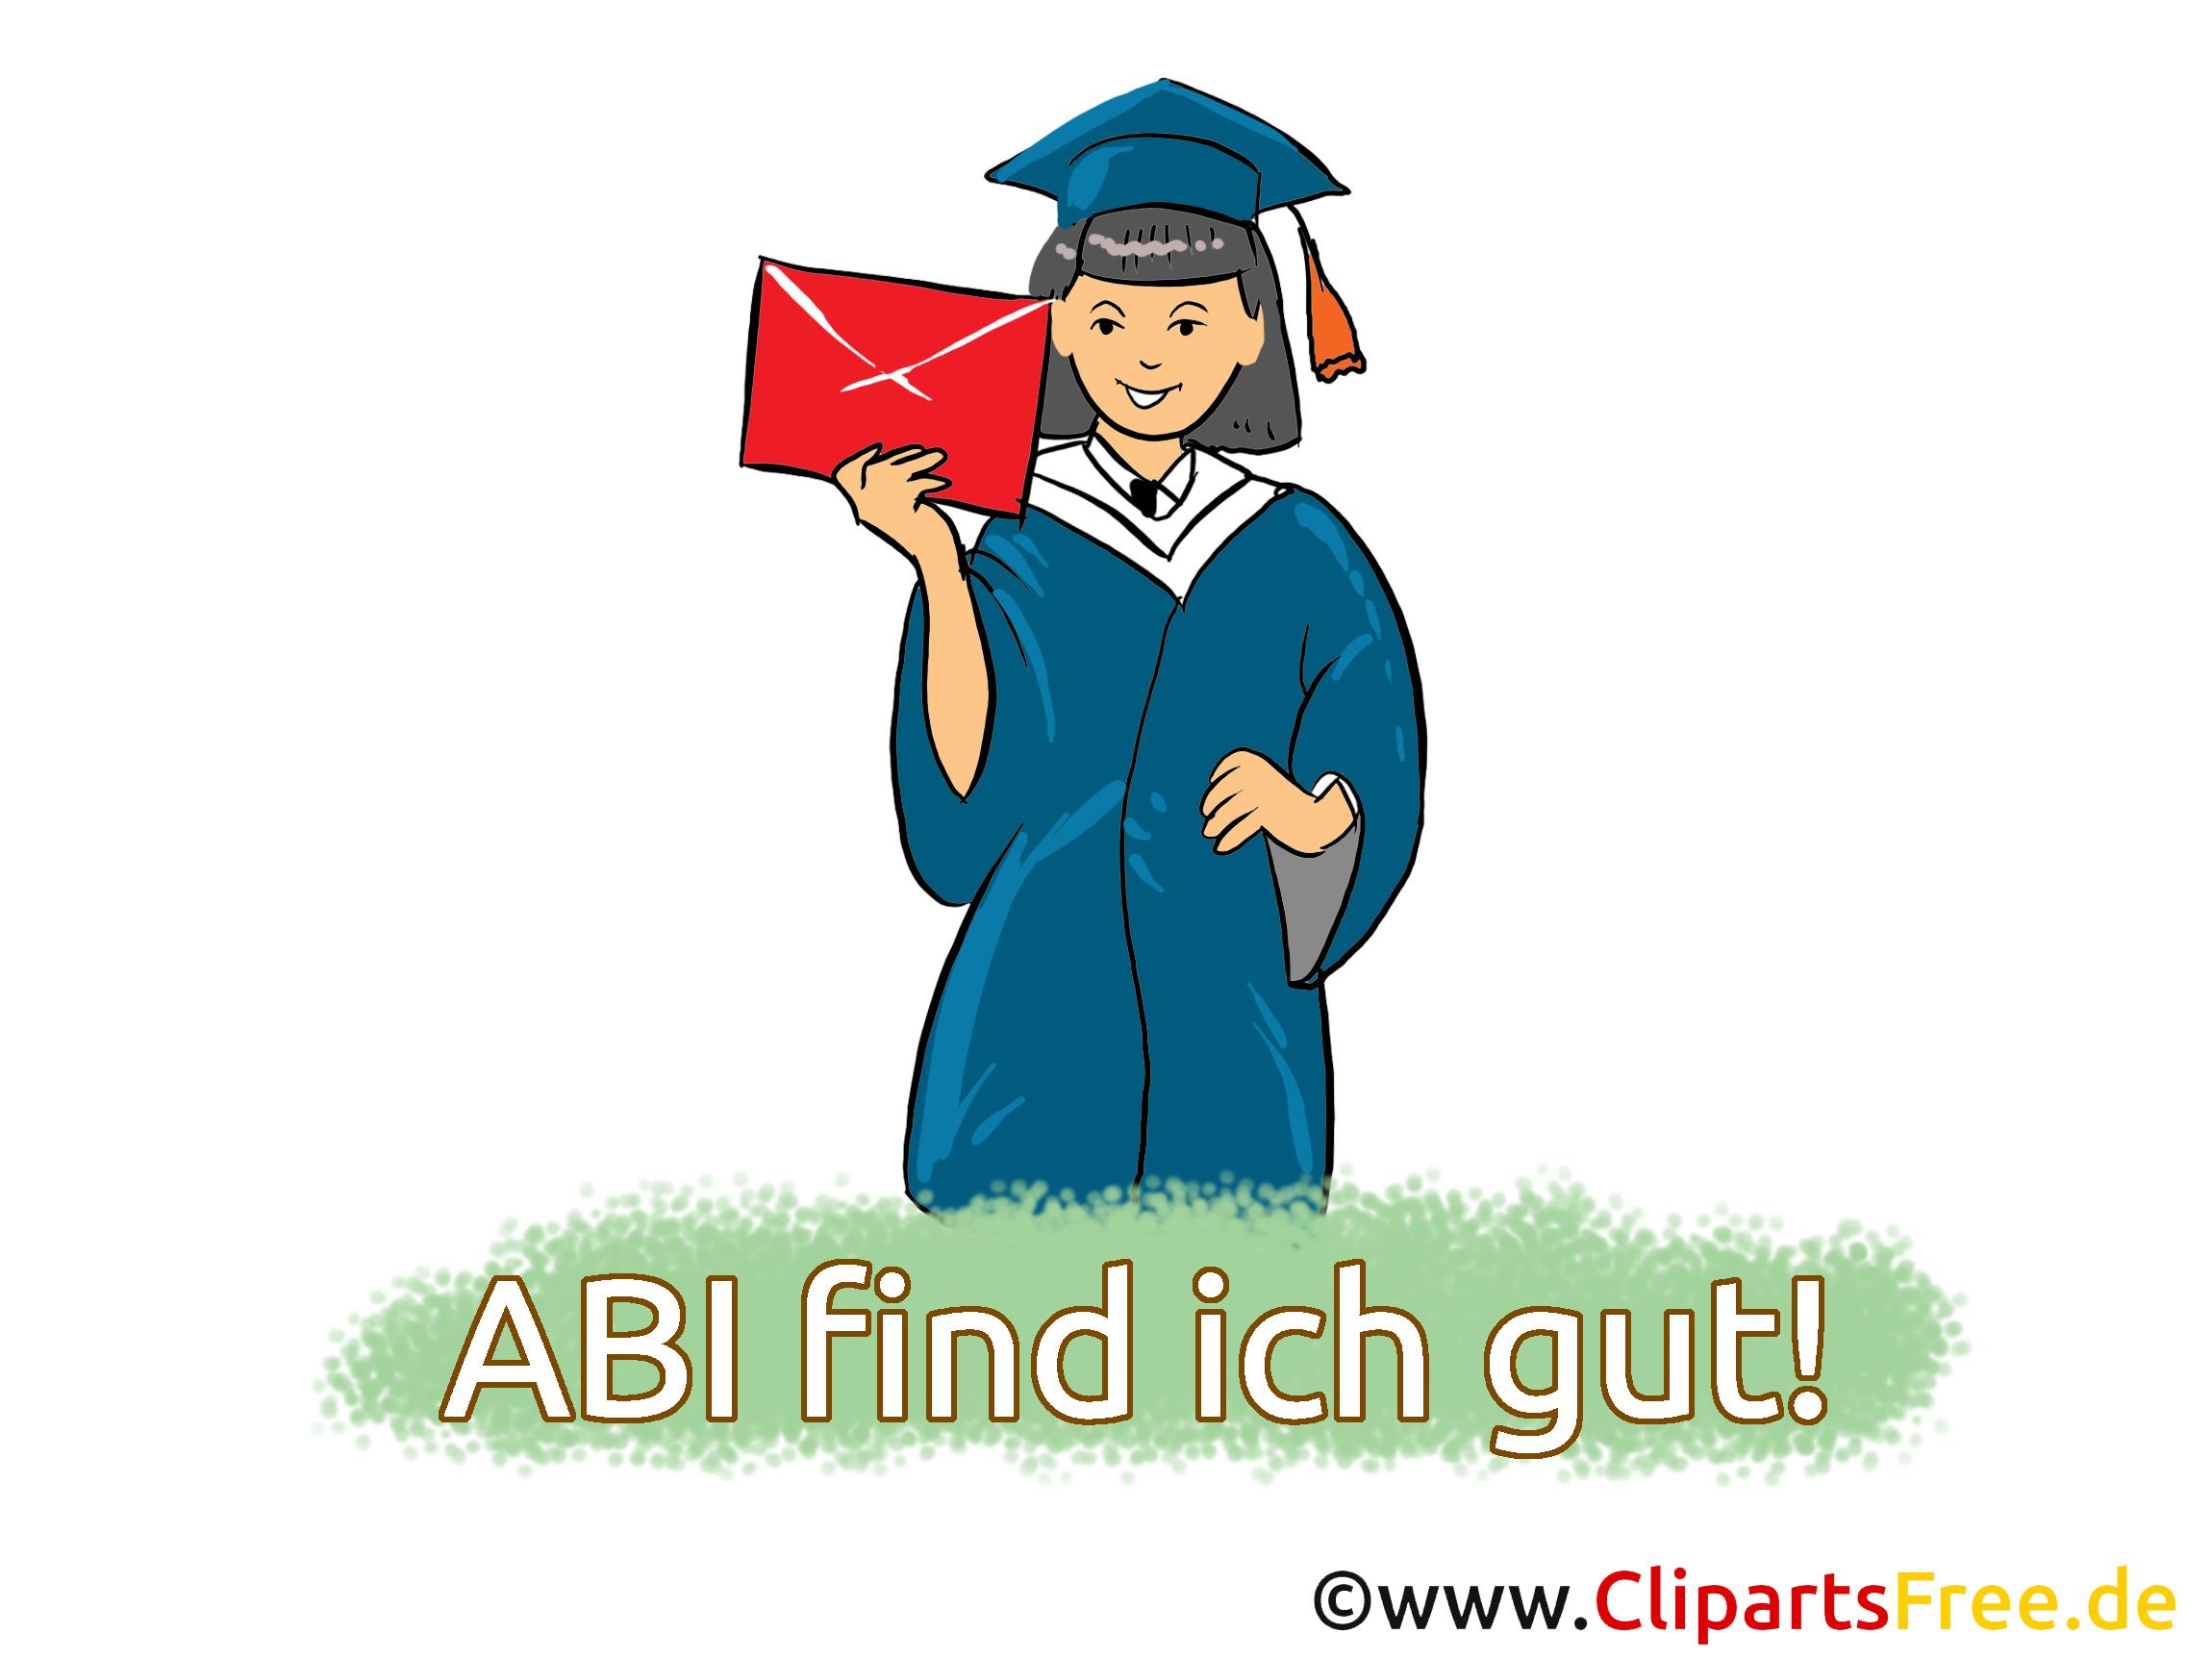 Glckwnsche Zum Abitur Witze